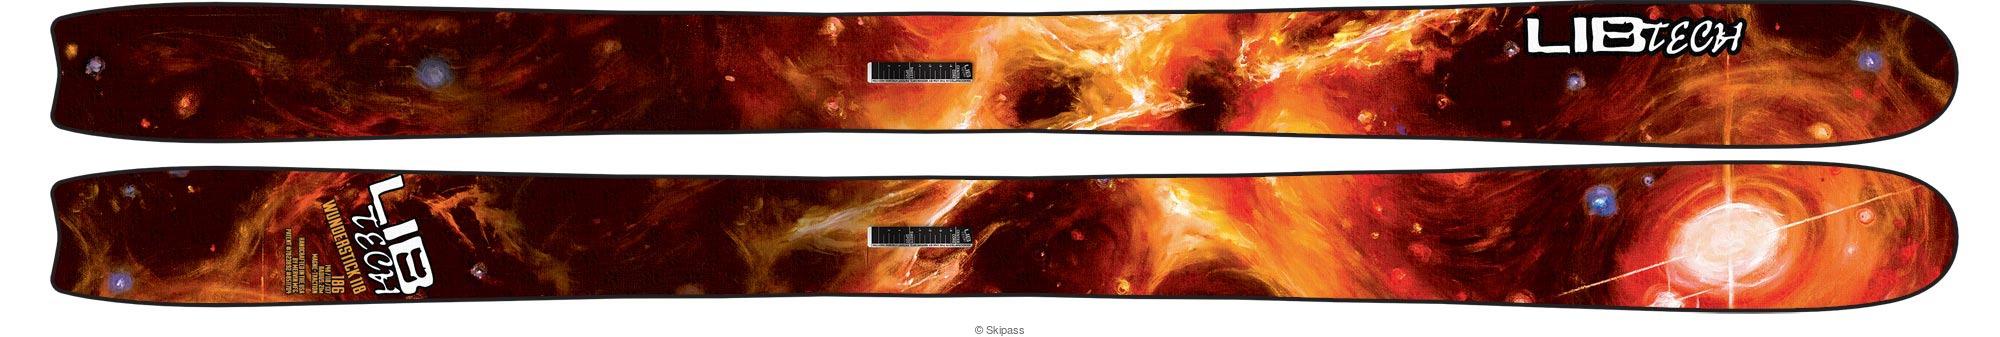 Lib Tech Wunderstick 118